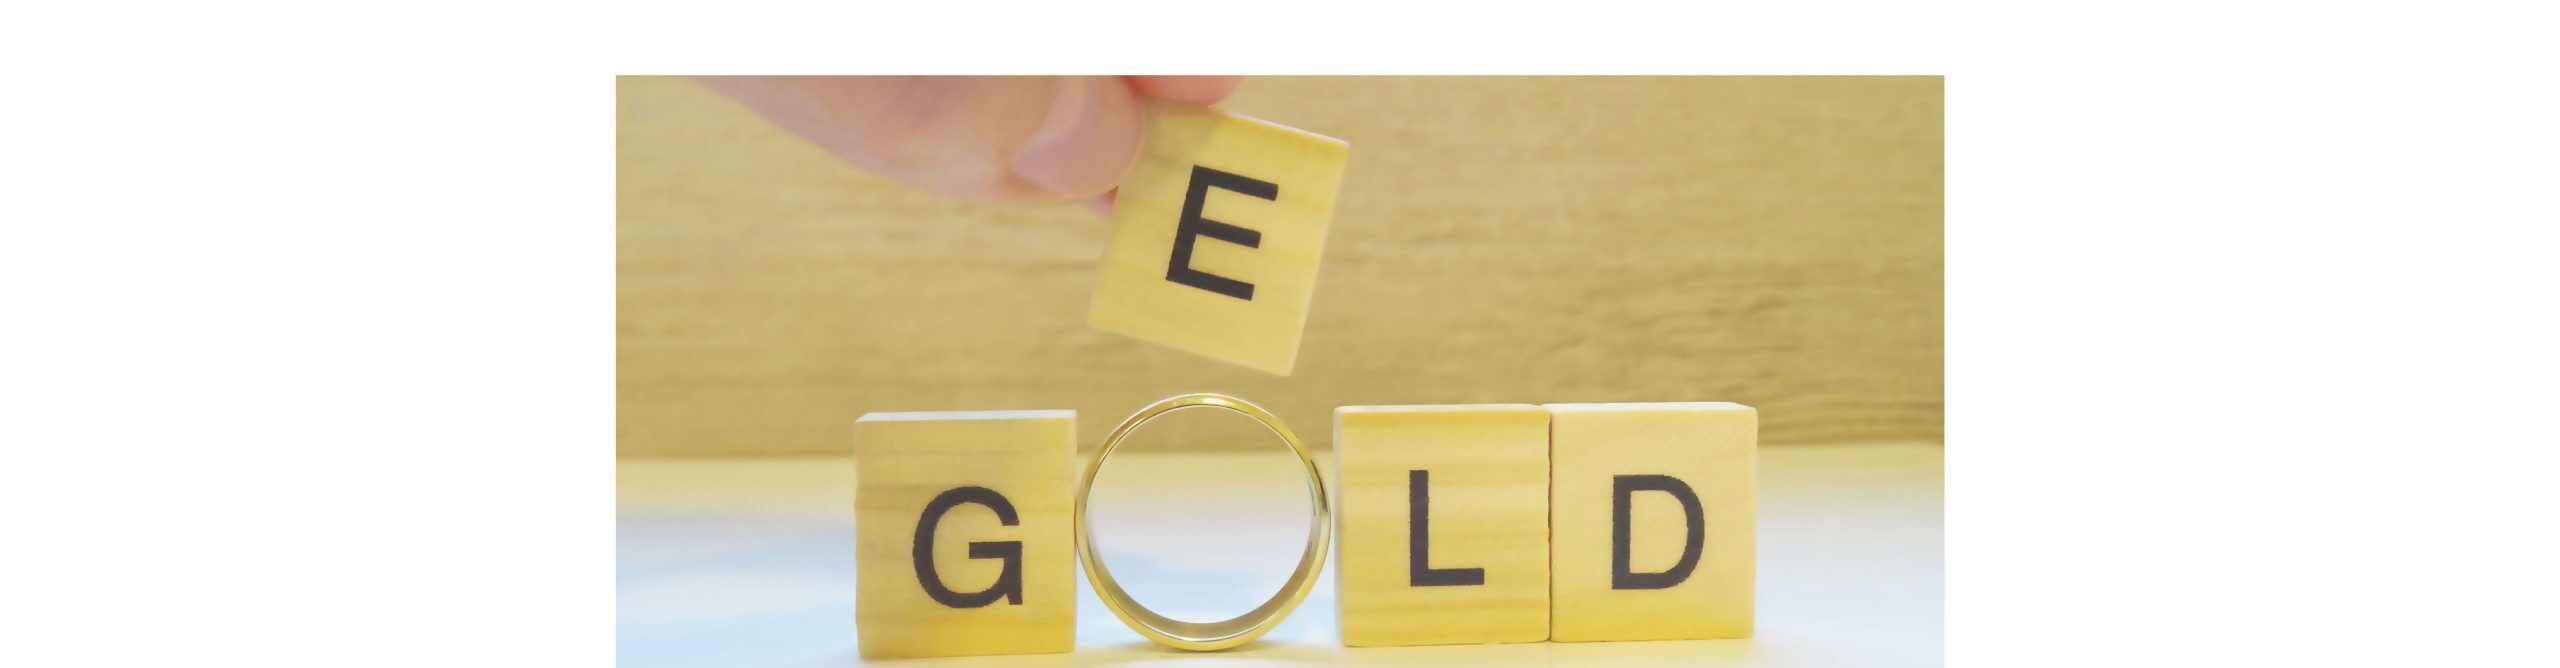 goldgeld